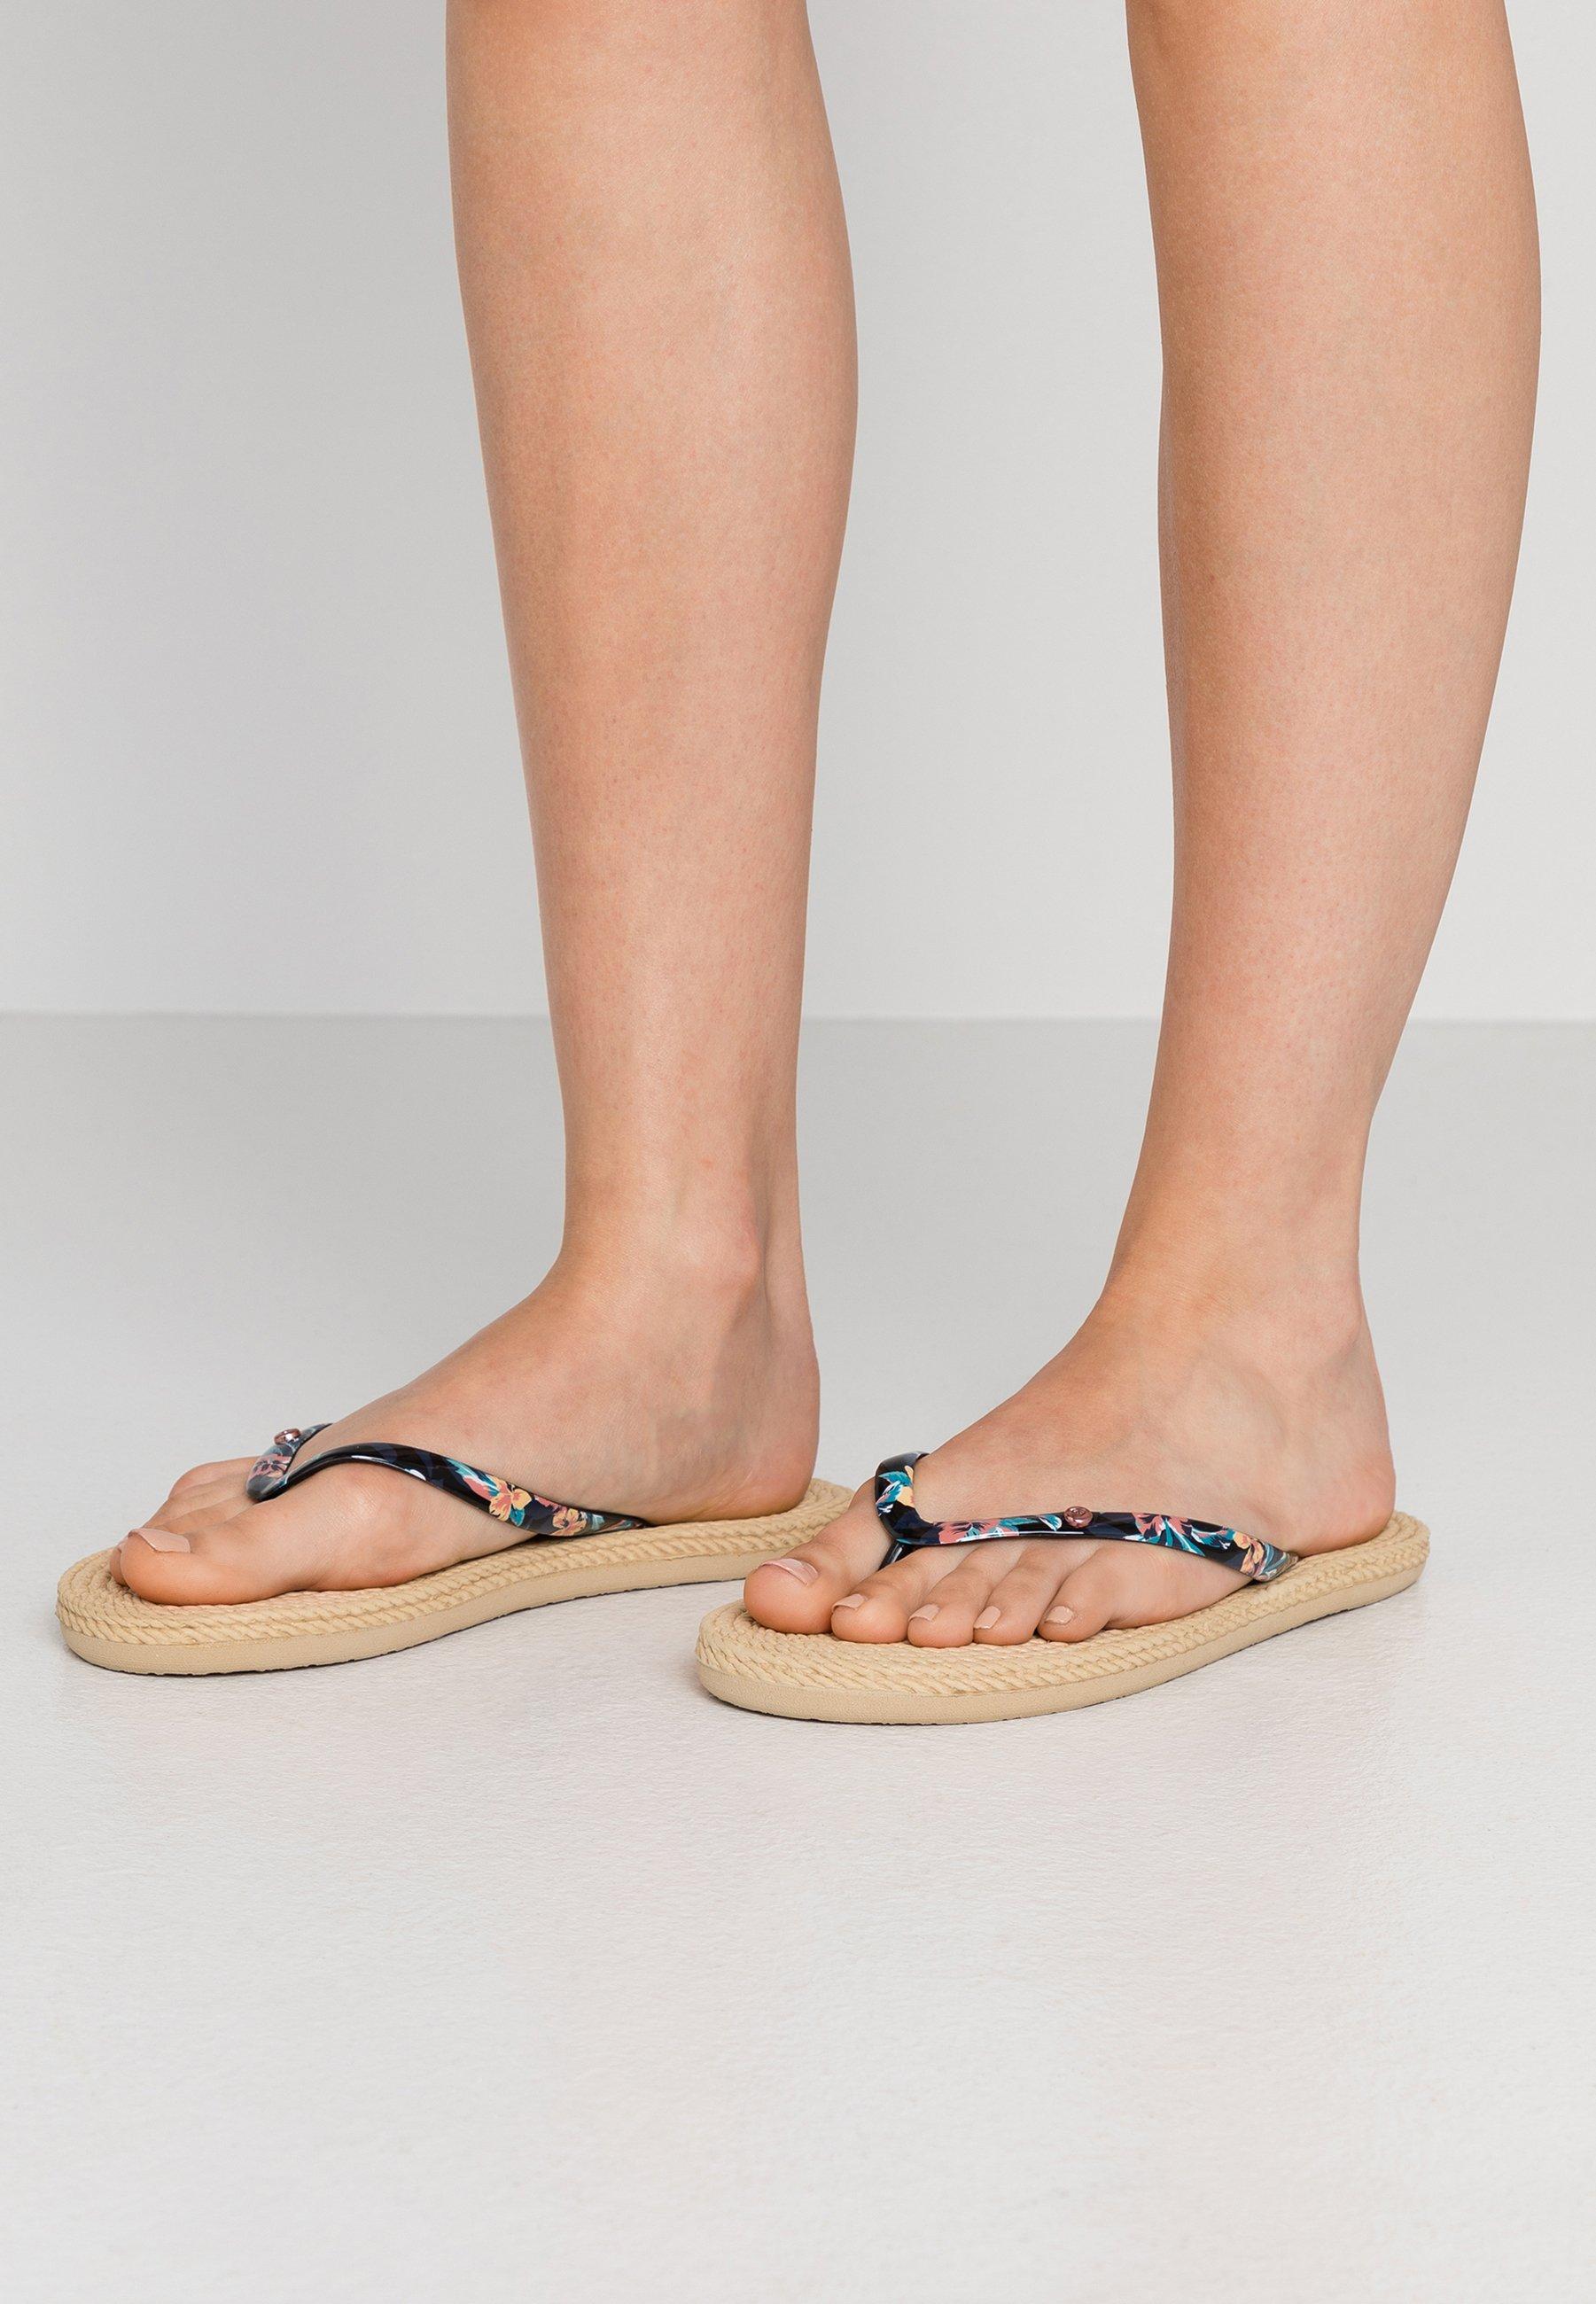 Women ROXY™ SOUTH BEACH - SANDALEN FÜR FRAUEN ARJL100685 - Pool shoes